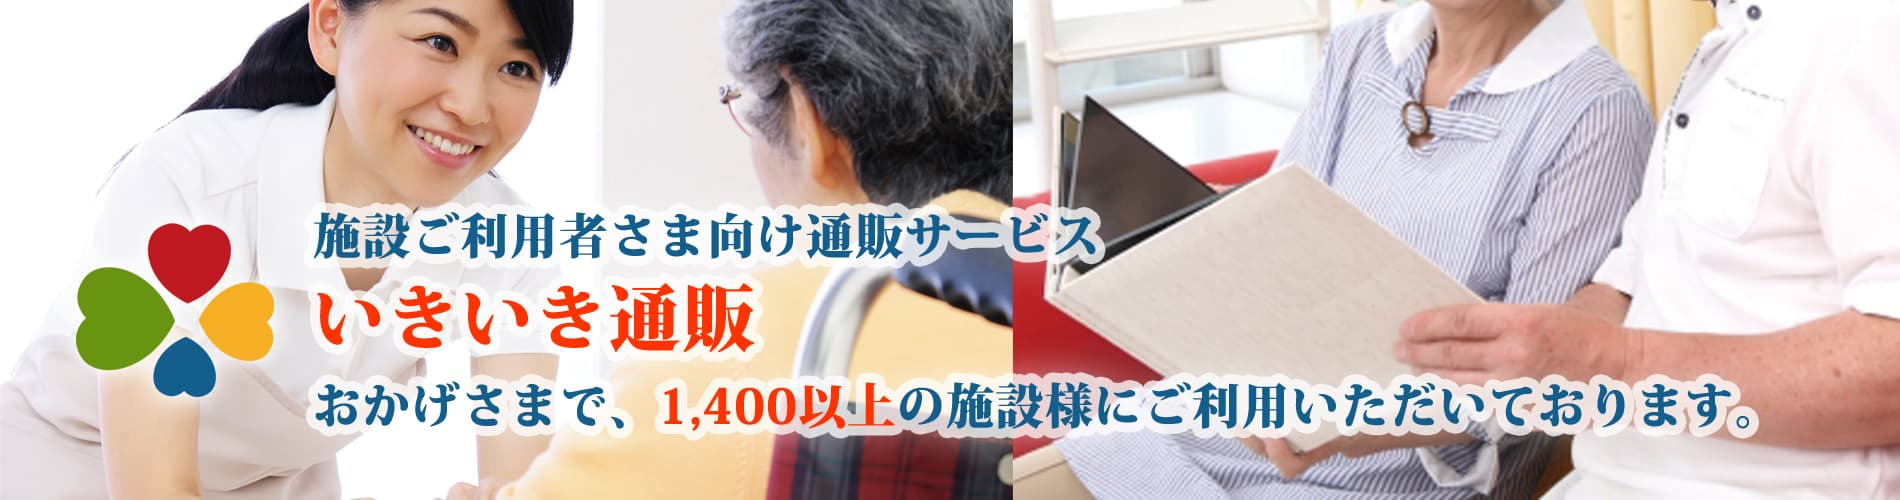 日本初!! 介護施設利用者さま向け 通販サービス始動!!